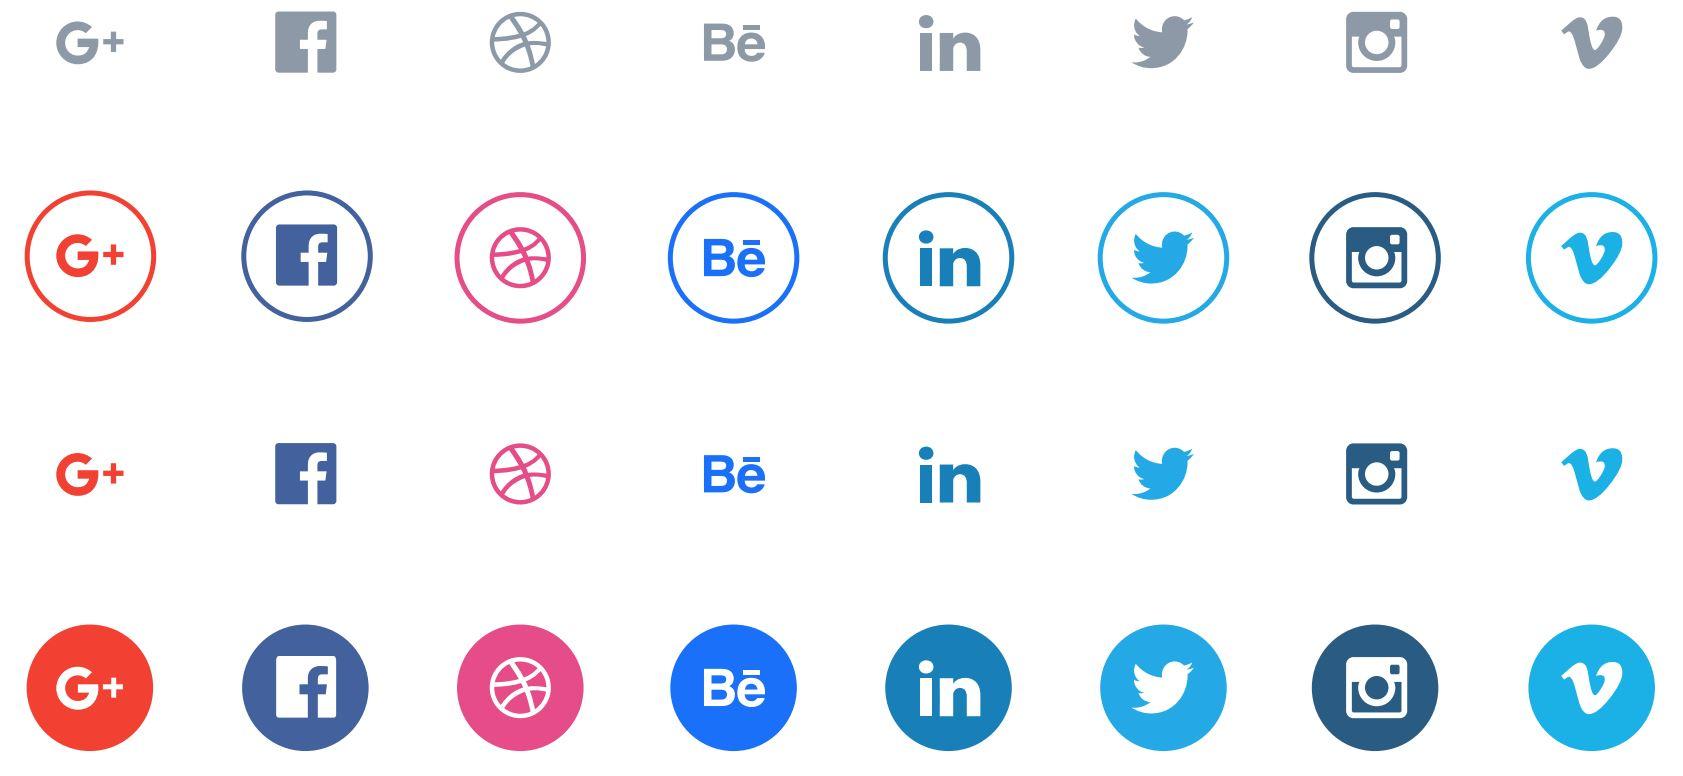 Free Circular Social Media Icons Pack